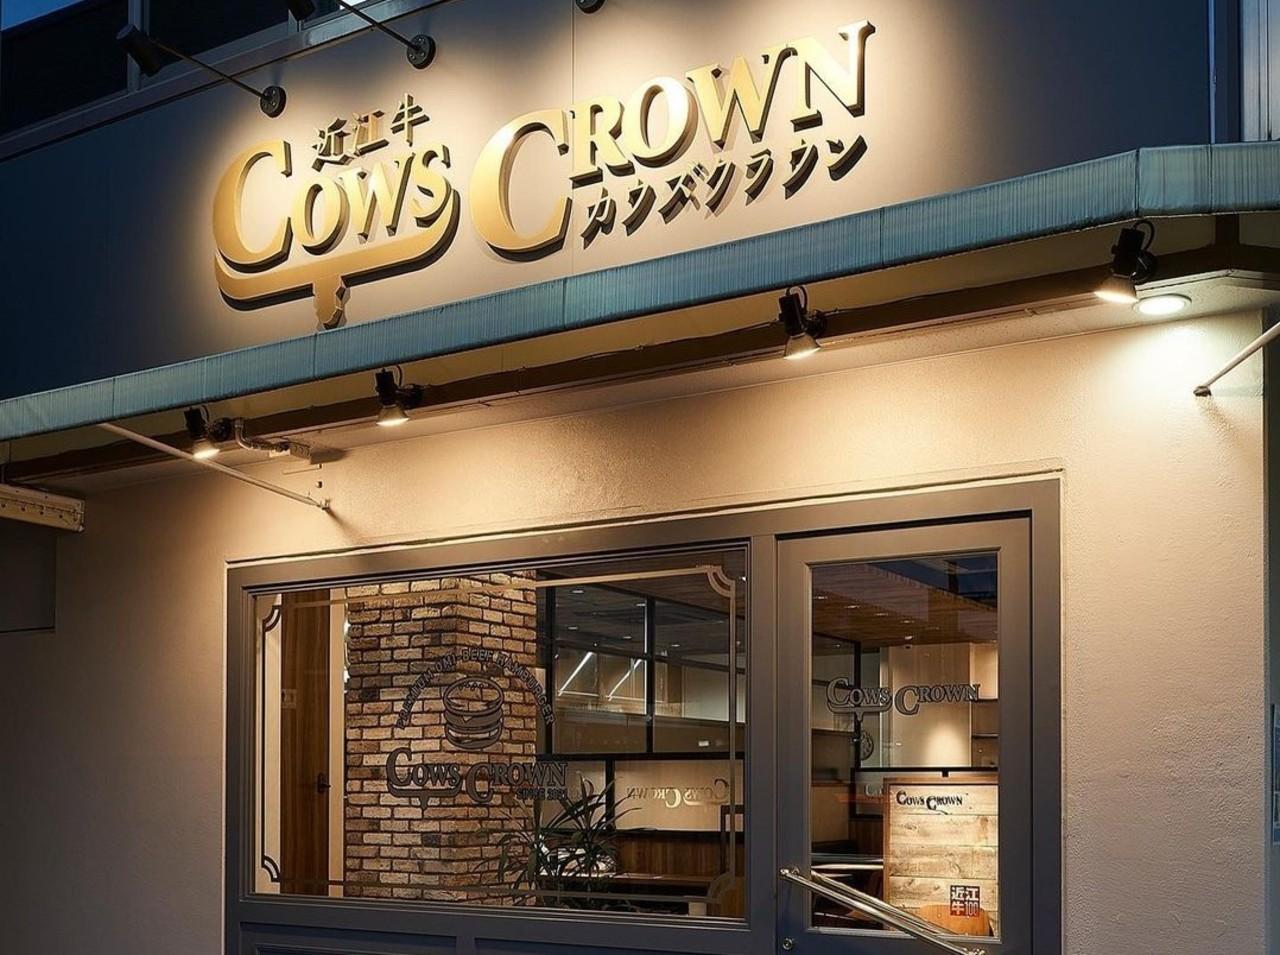 滋賀県草津市西大路町に本格グルメバーガー店「カウズクラウン」が明日プレオープンのようです。